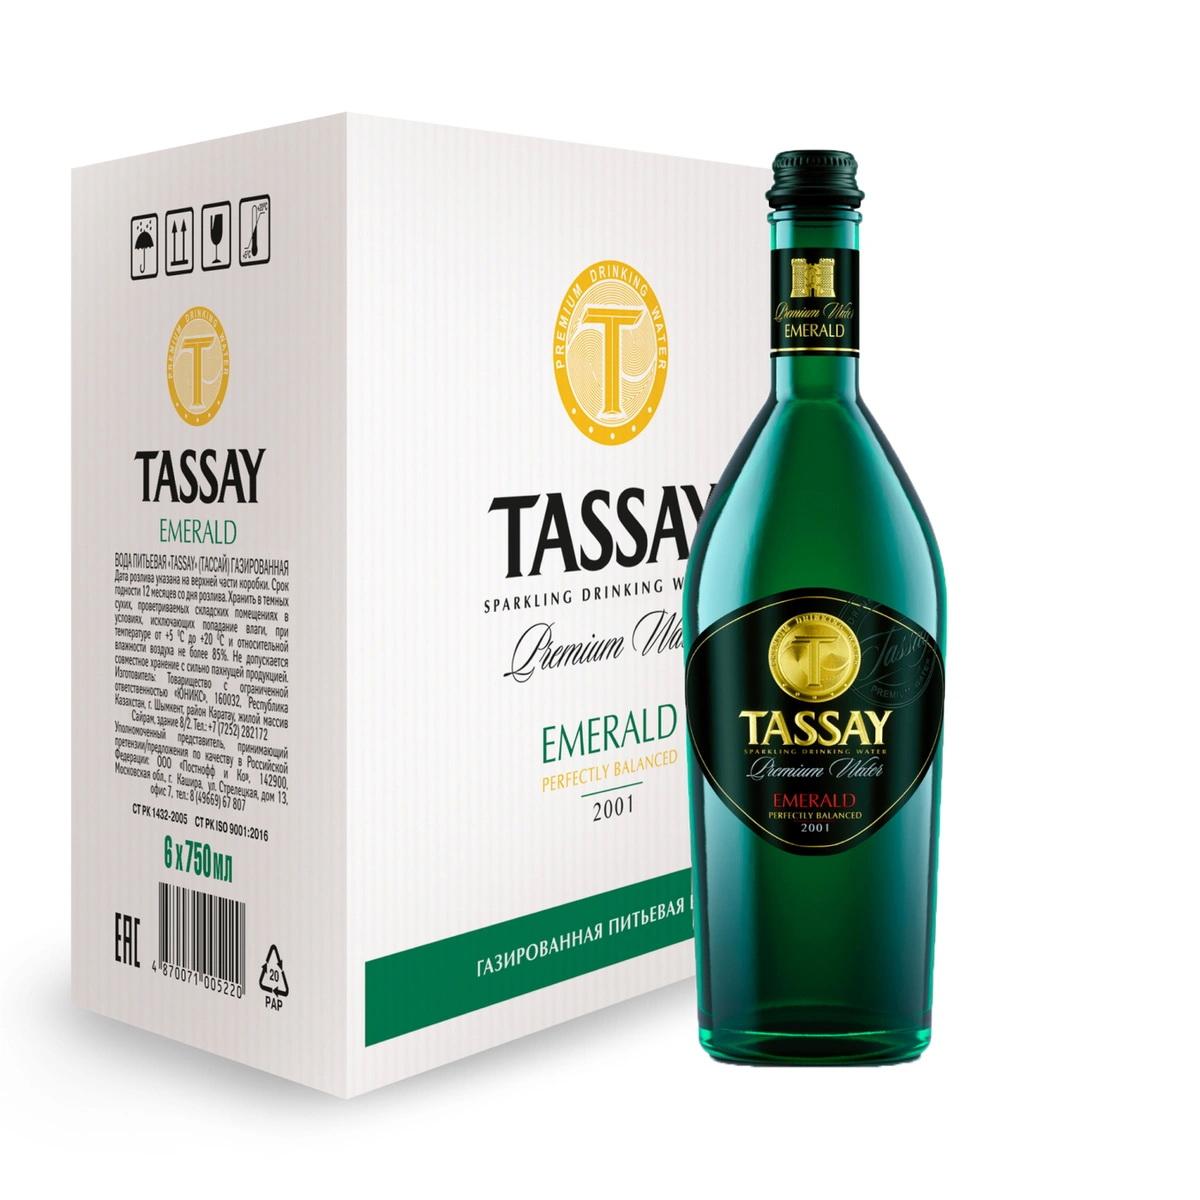 TassayEmerald